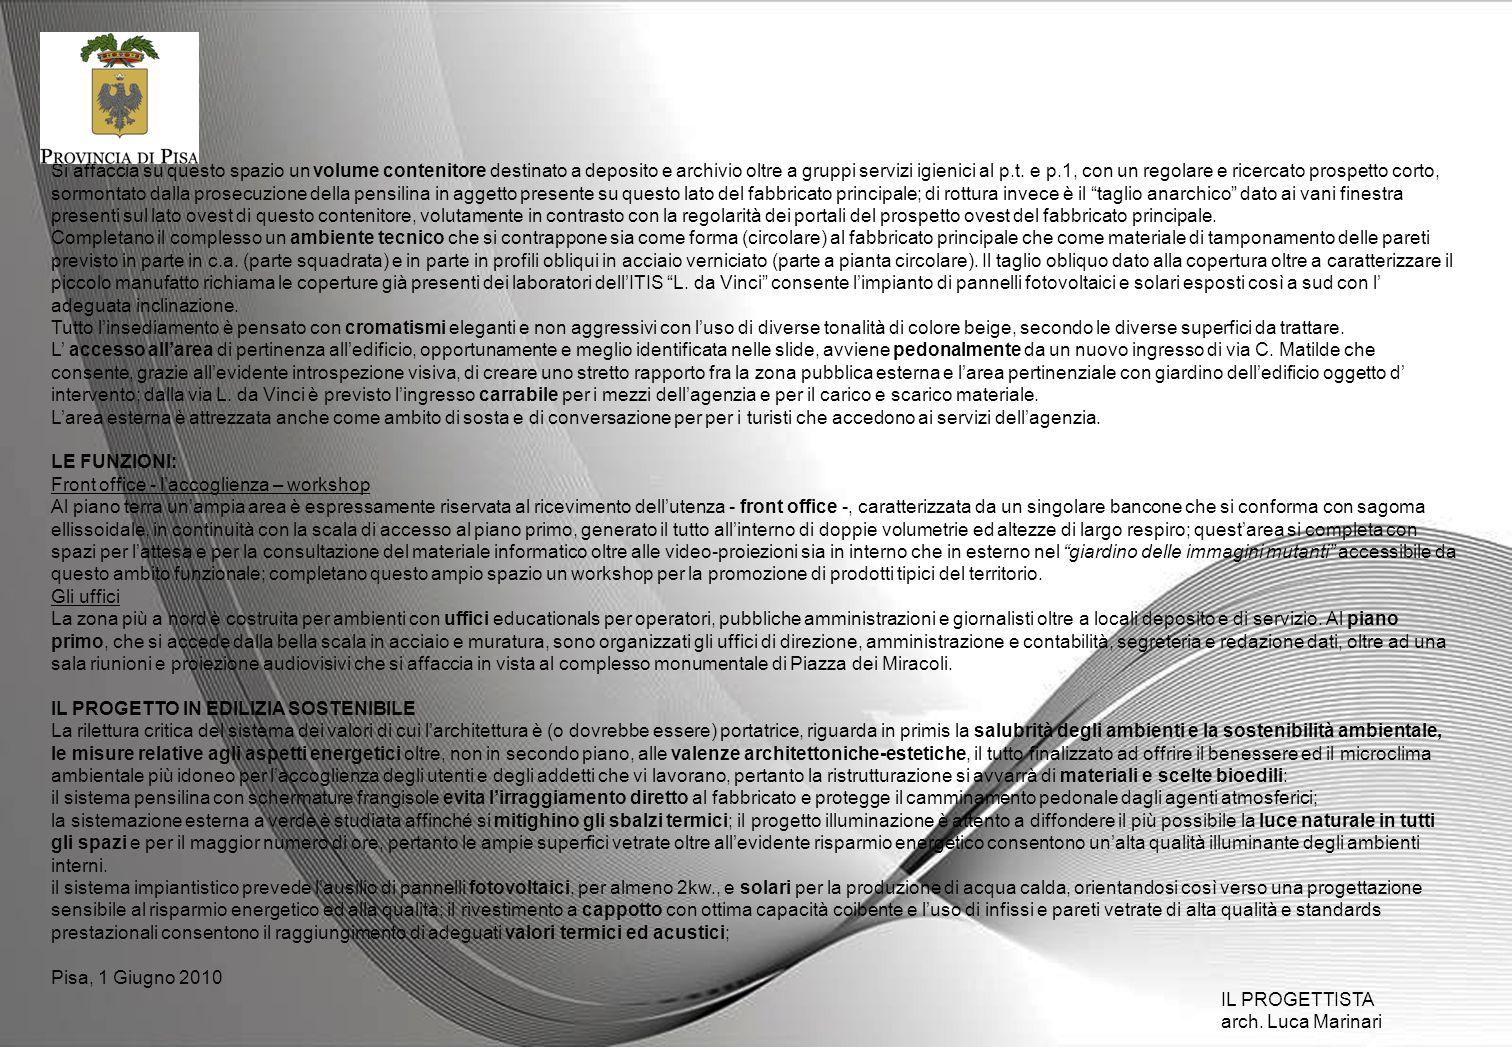 QUADRO ECONOMICO GENERALE DI PROGETTO Importo lavori 1.086.851,00 Oneri della Sicurezza 74.058,00 sommano1.160.909,00 Iva 10% 116.091,00 sommano1.227.000,00 Spese tecniche,pubblicazioni e varie 43.000,00 TOTALE1.320.000,00 CRONOPROGRAMMA DI ATTUAZIONE Descrizione fasedata Progettazione Preliminare01.07.2009 Progettazione definitiva06.11.2009 Progettazione Esecutiva06.02.2010 Aggiudicazione Appalto31.08.2010 Consegna lavori30.09.2010 Fine Lavori30.09.2011 Collaudo30.03.2012